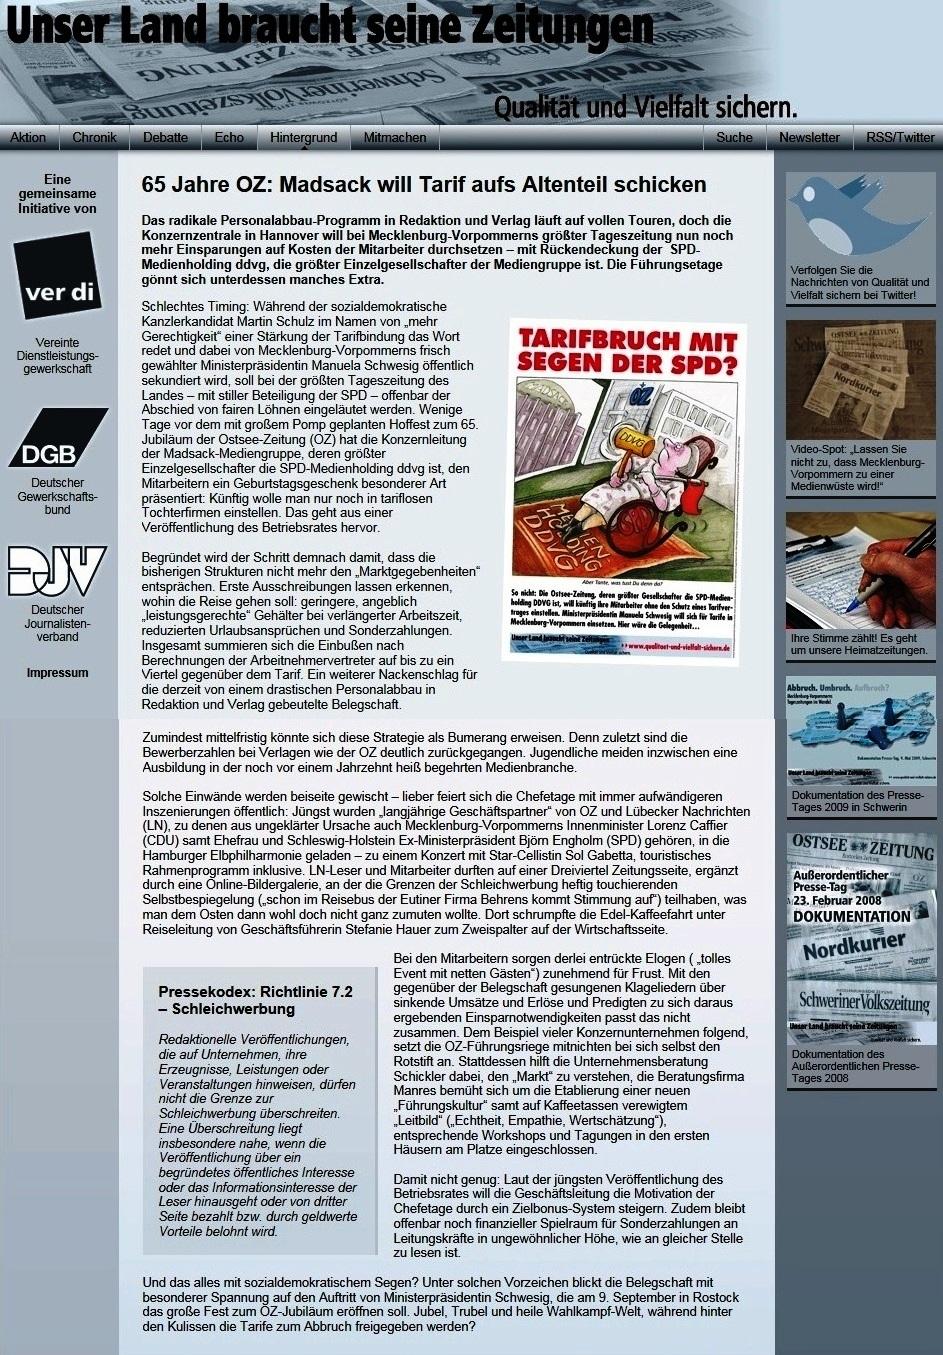 Unser Land braucht seine Zeitung - 65 Jahre OZ: Madsack will Tarif aufs Altenteil schicken - http://www.qualitaet-und-vielfalt-sichern.de/hintergrund/65_jahre_oz_madsack_will_tarif_aufs_altenteil_schicken